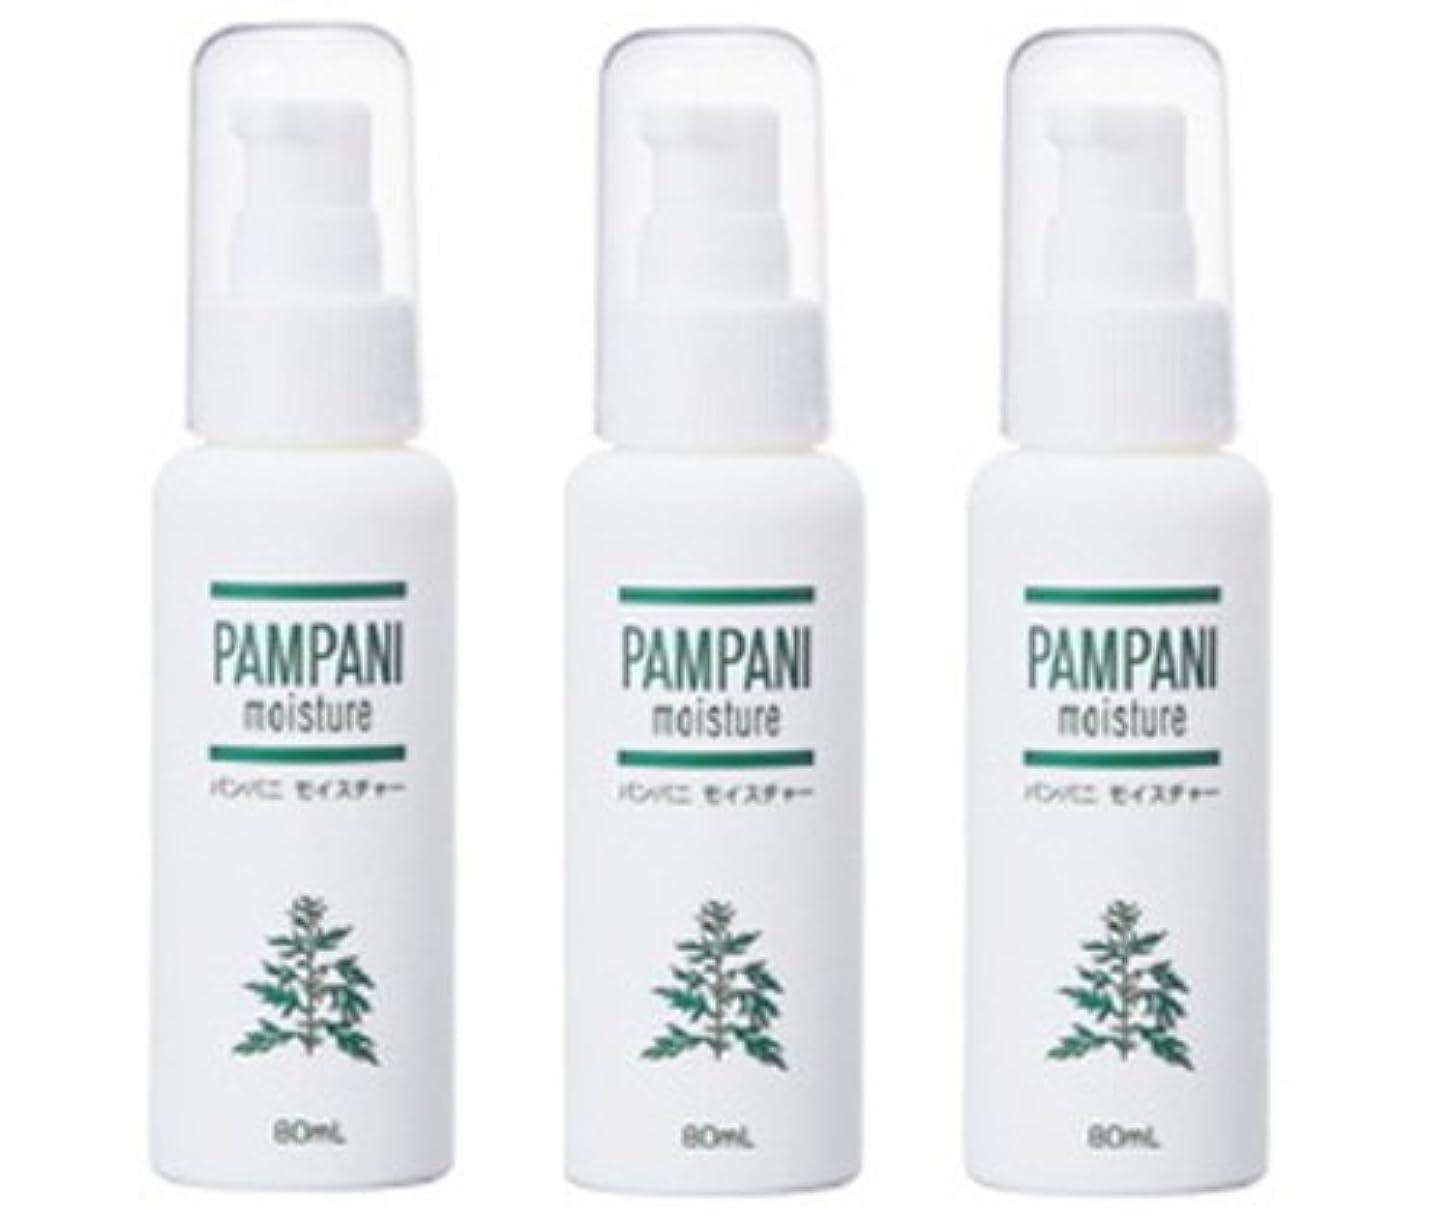 騙すビクター呼吸するパンパニ(PAMPANI) モイスチャー 80ml× 3本組